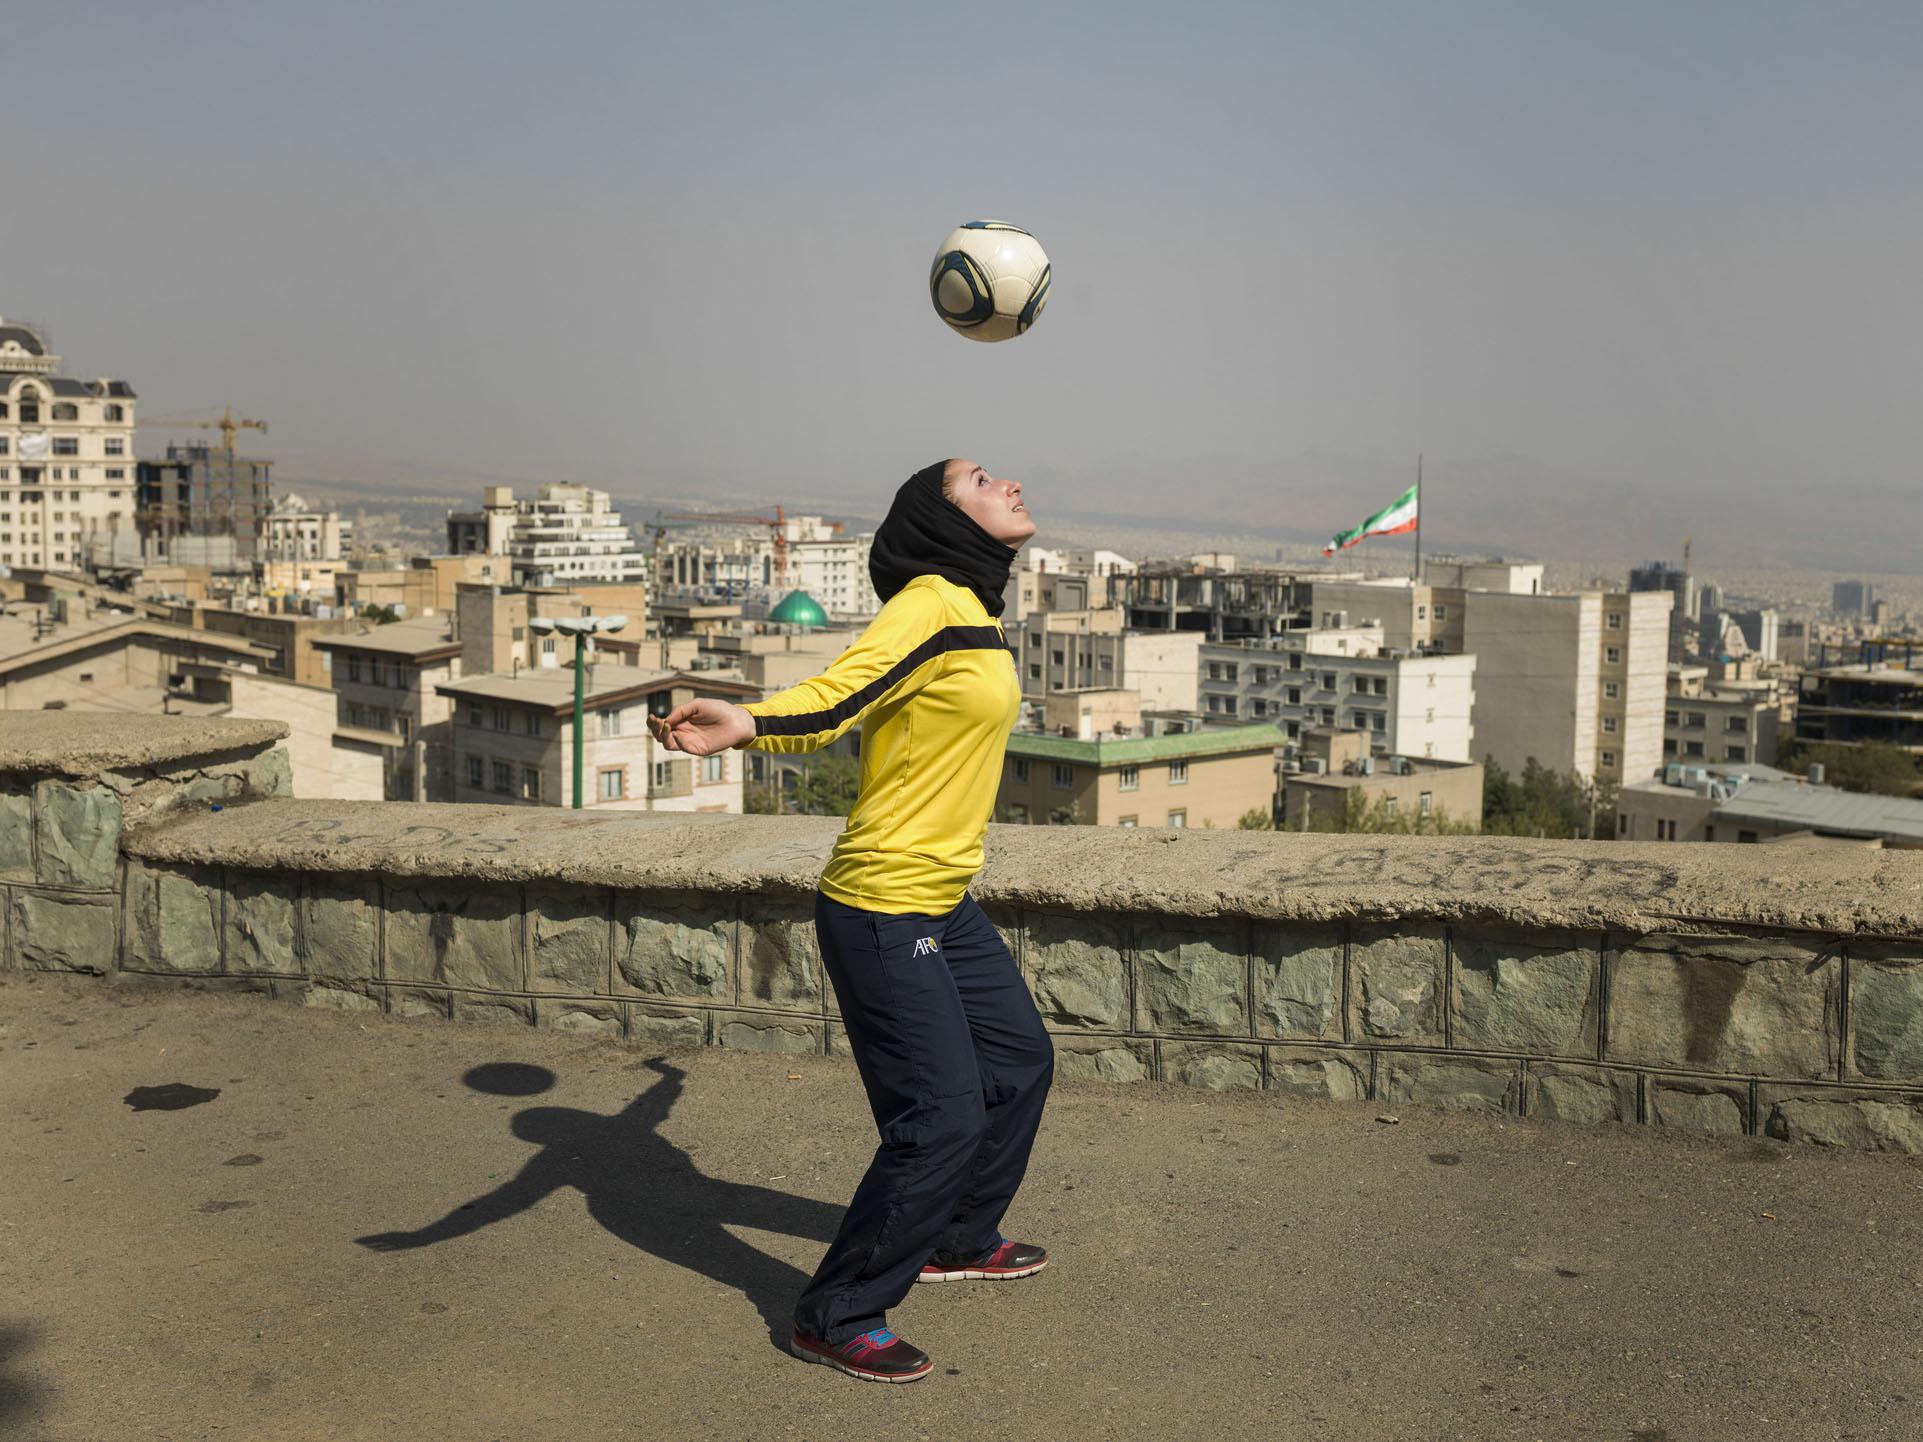 Katayoun Khosrowyar, p  hoto by Newsha Tavakolian/Magnum for    WS    J .